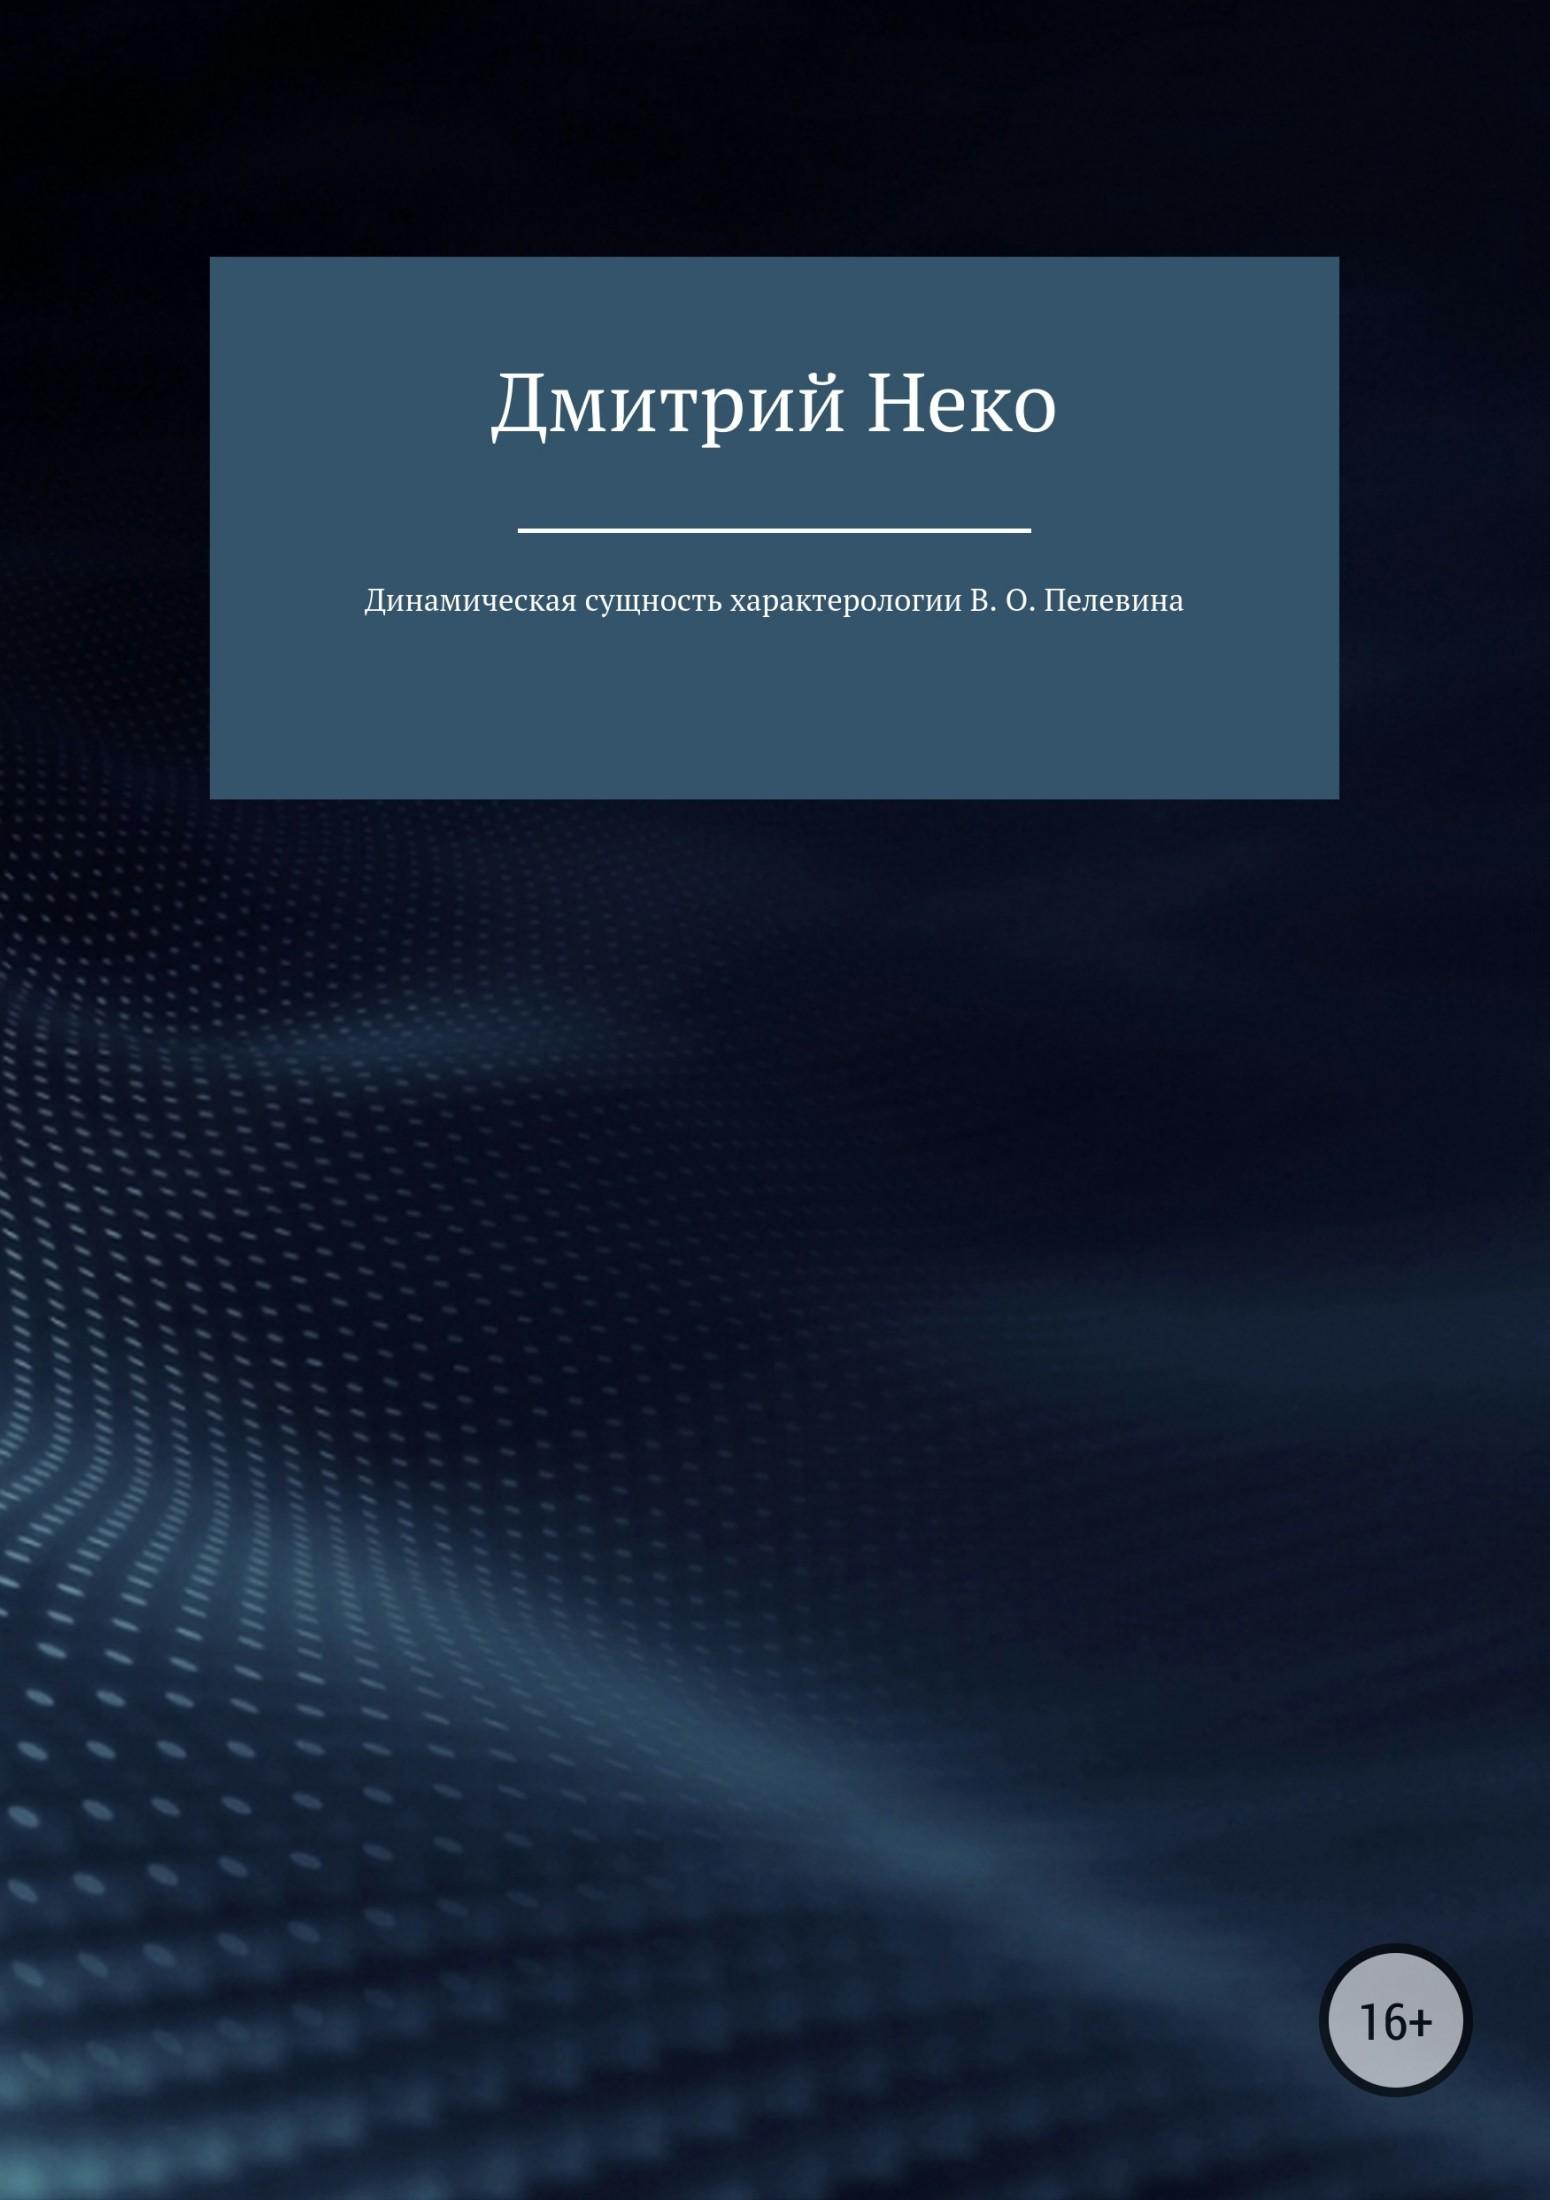 Дмитрий Нечепуренко «Динамическая сущность характерологии В. О. Пелевина»